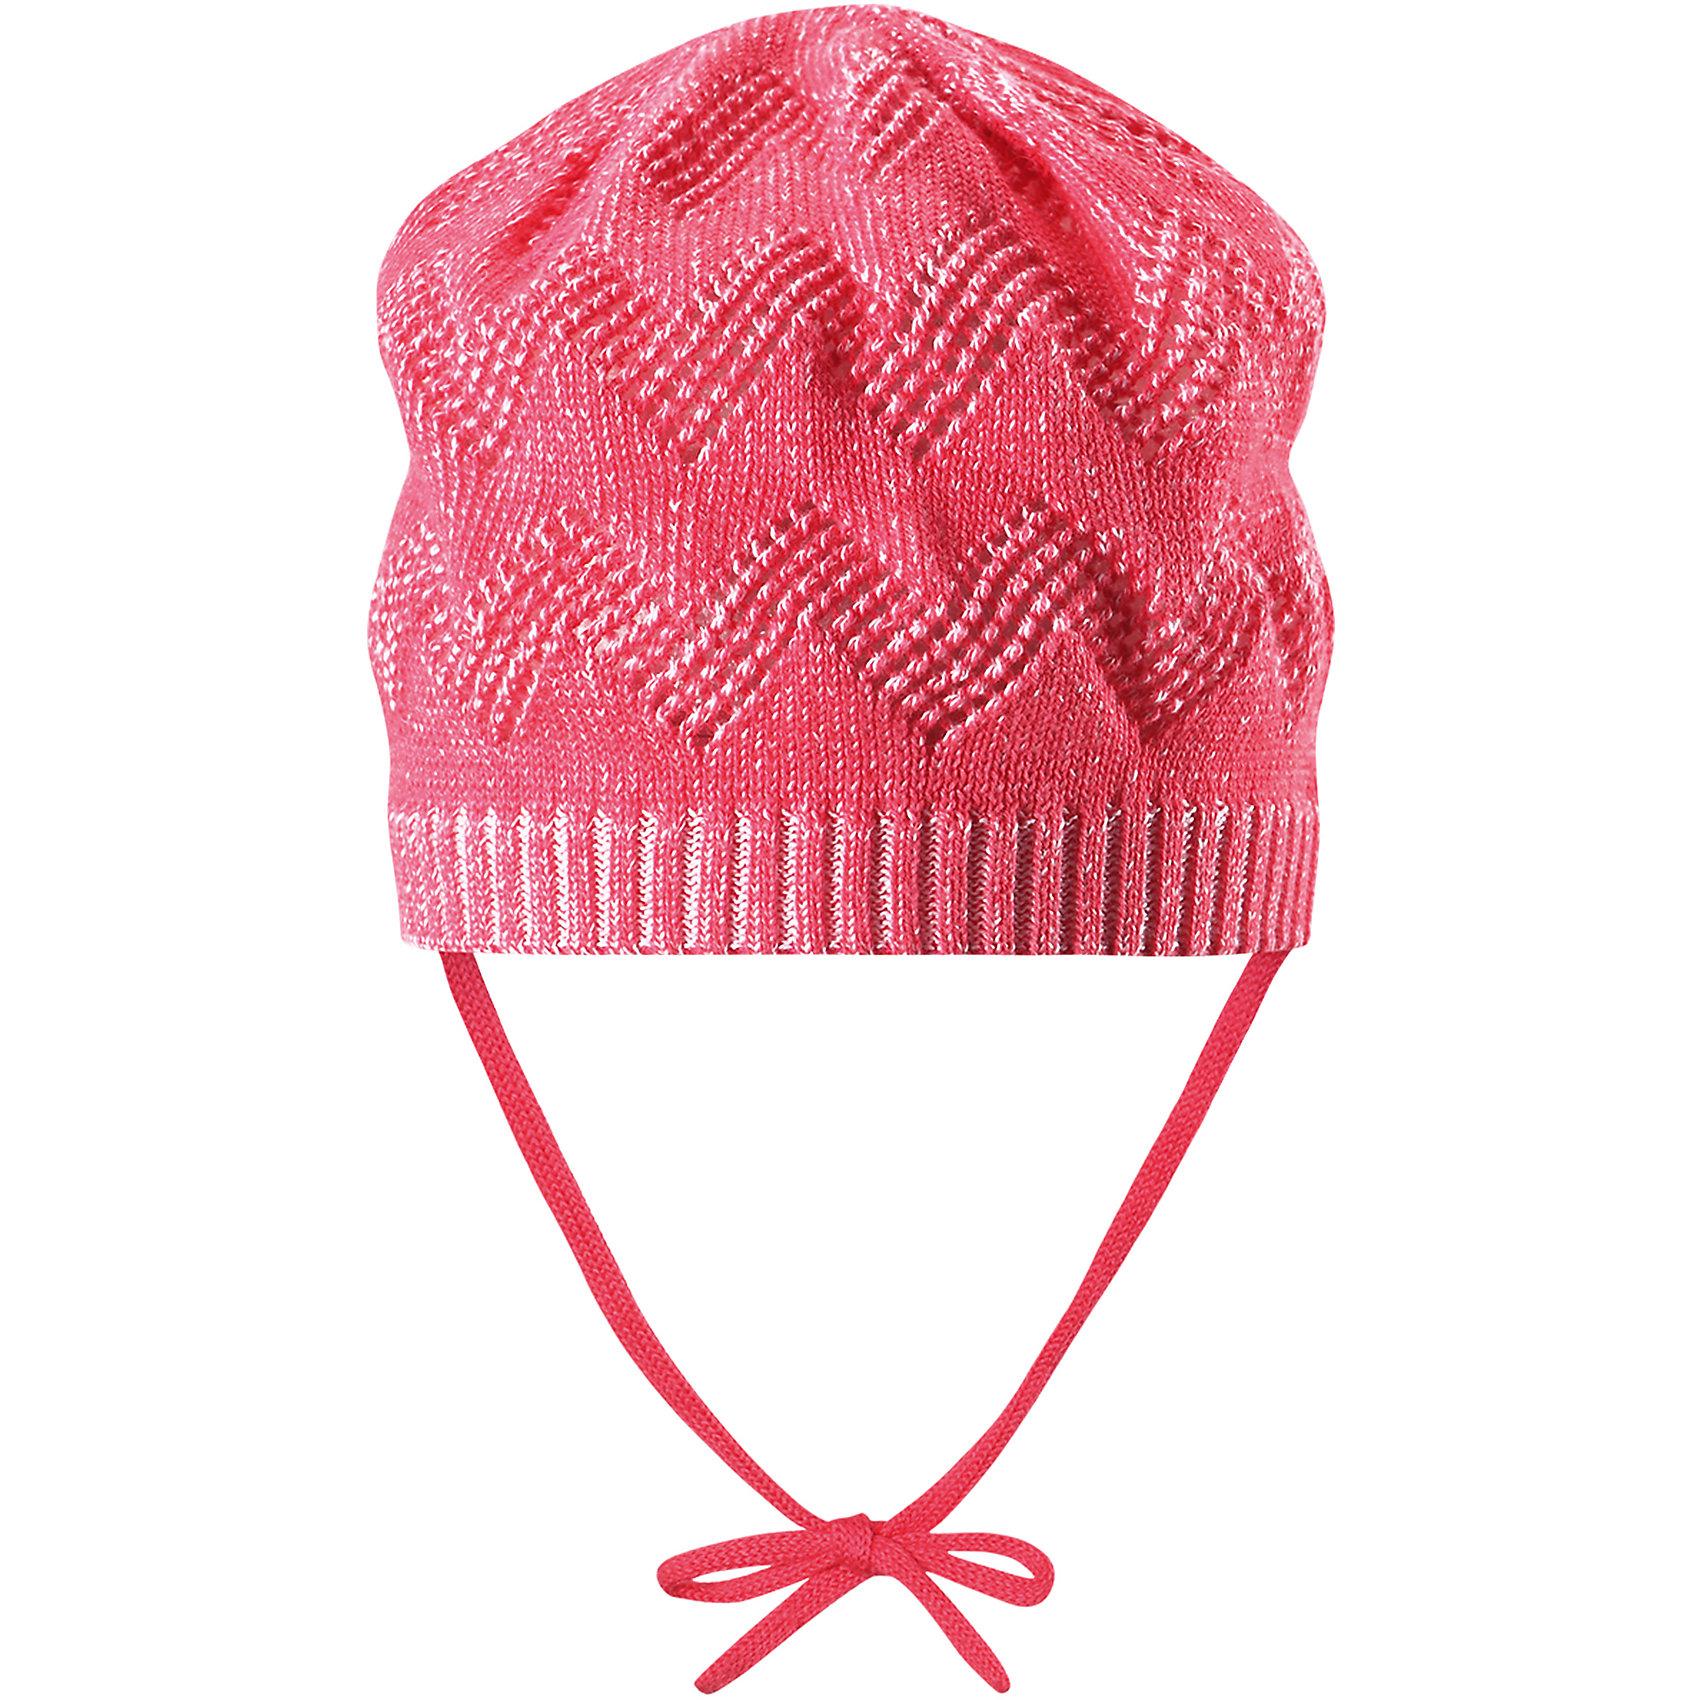 Шапка Lumme для девочки ReimaШапки и шарфы<br>Характеристики товара:<br><br>• цвет: розовый<br>• состав: 100% хлопок<br>• облегчённая модель без подкладки<br>• температурный режим: от +10С<br>• эластичный хлопковый трикотаж<br>• изделие сертифицированно по стандарту Oeko-Tex на продукцию класса 1 - одежда для новорождённых<br>• завязки во всех размерах<br>• эмблема Reima сзади<br>• ажурный узор<br>• страна бренда: Финляндия<br>• страна производства: Китай<br><br>Детский головной убор может быть модным и удобным одновременно! Стильная шапка поможет обеспечить ребенку комфорт и дополнить наряд. Шапка удобно сидит и аккуратно выглядит. Проста в уходе, долго служит. Стильный дизайн разрабатывался специально для детей. Отличная защита от дождя и ветра!<br><br>Уход:<br><br>• стирать по отдельности, вывернув наизнанку<br>• придать первоначальную форму вo влажном виде<br>• возможна усадка 5 %.<br><br>Шапку для девочки от финского бренда Reima (Рейма) можно купить в нашем интернет-магазине.<br><br>Ширина мм: 89<br>Глубина мм: 117<br>Высота мм: 44<br>Вес г: 155<br>Цвет: розовый<br>Возраст от месяцев: 6<br>Возраст до месяцев: 9<br>Пол: Женский<br>Возраст: Детский<br>Размер: 46,52,50,48<br>SKU: 5270926